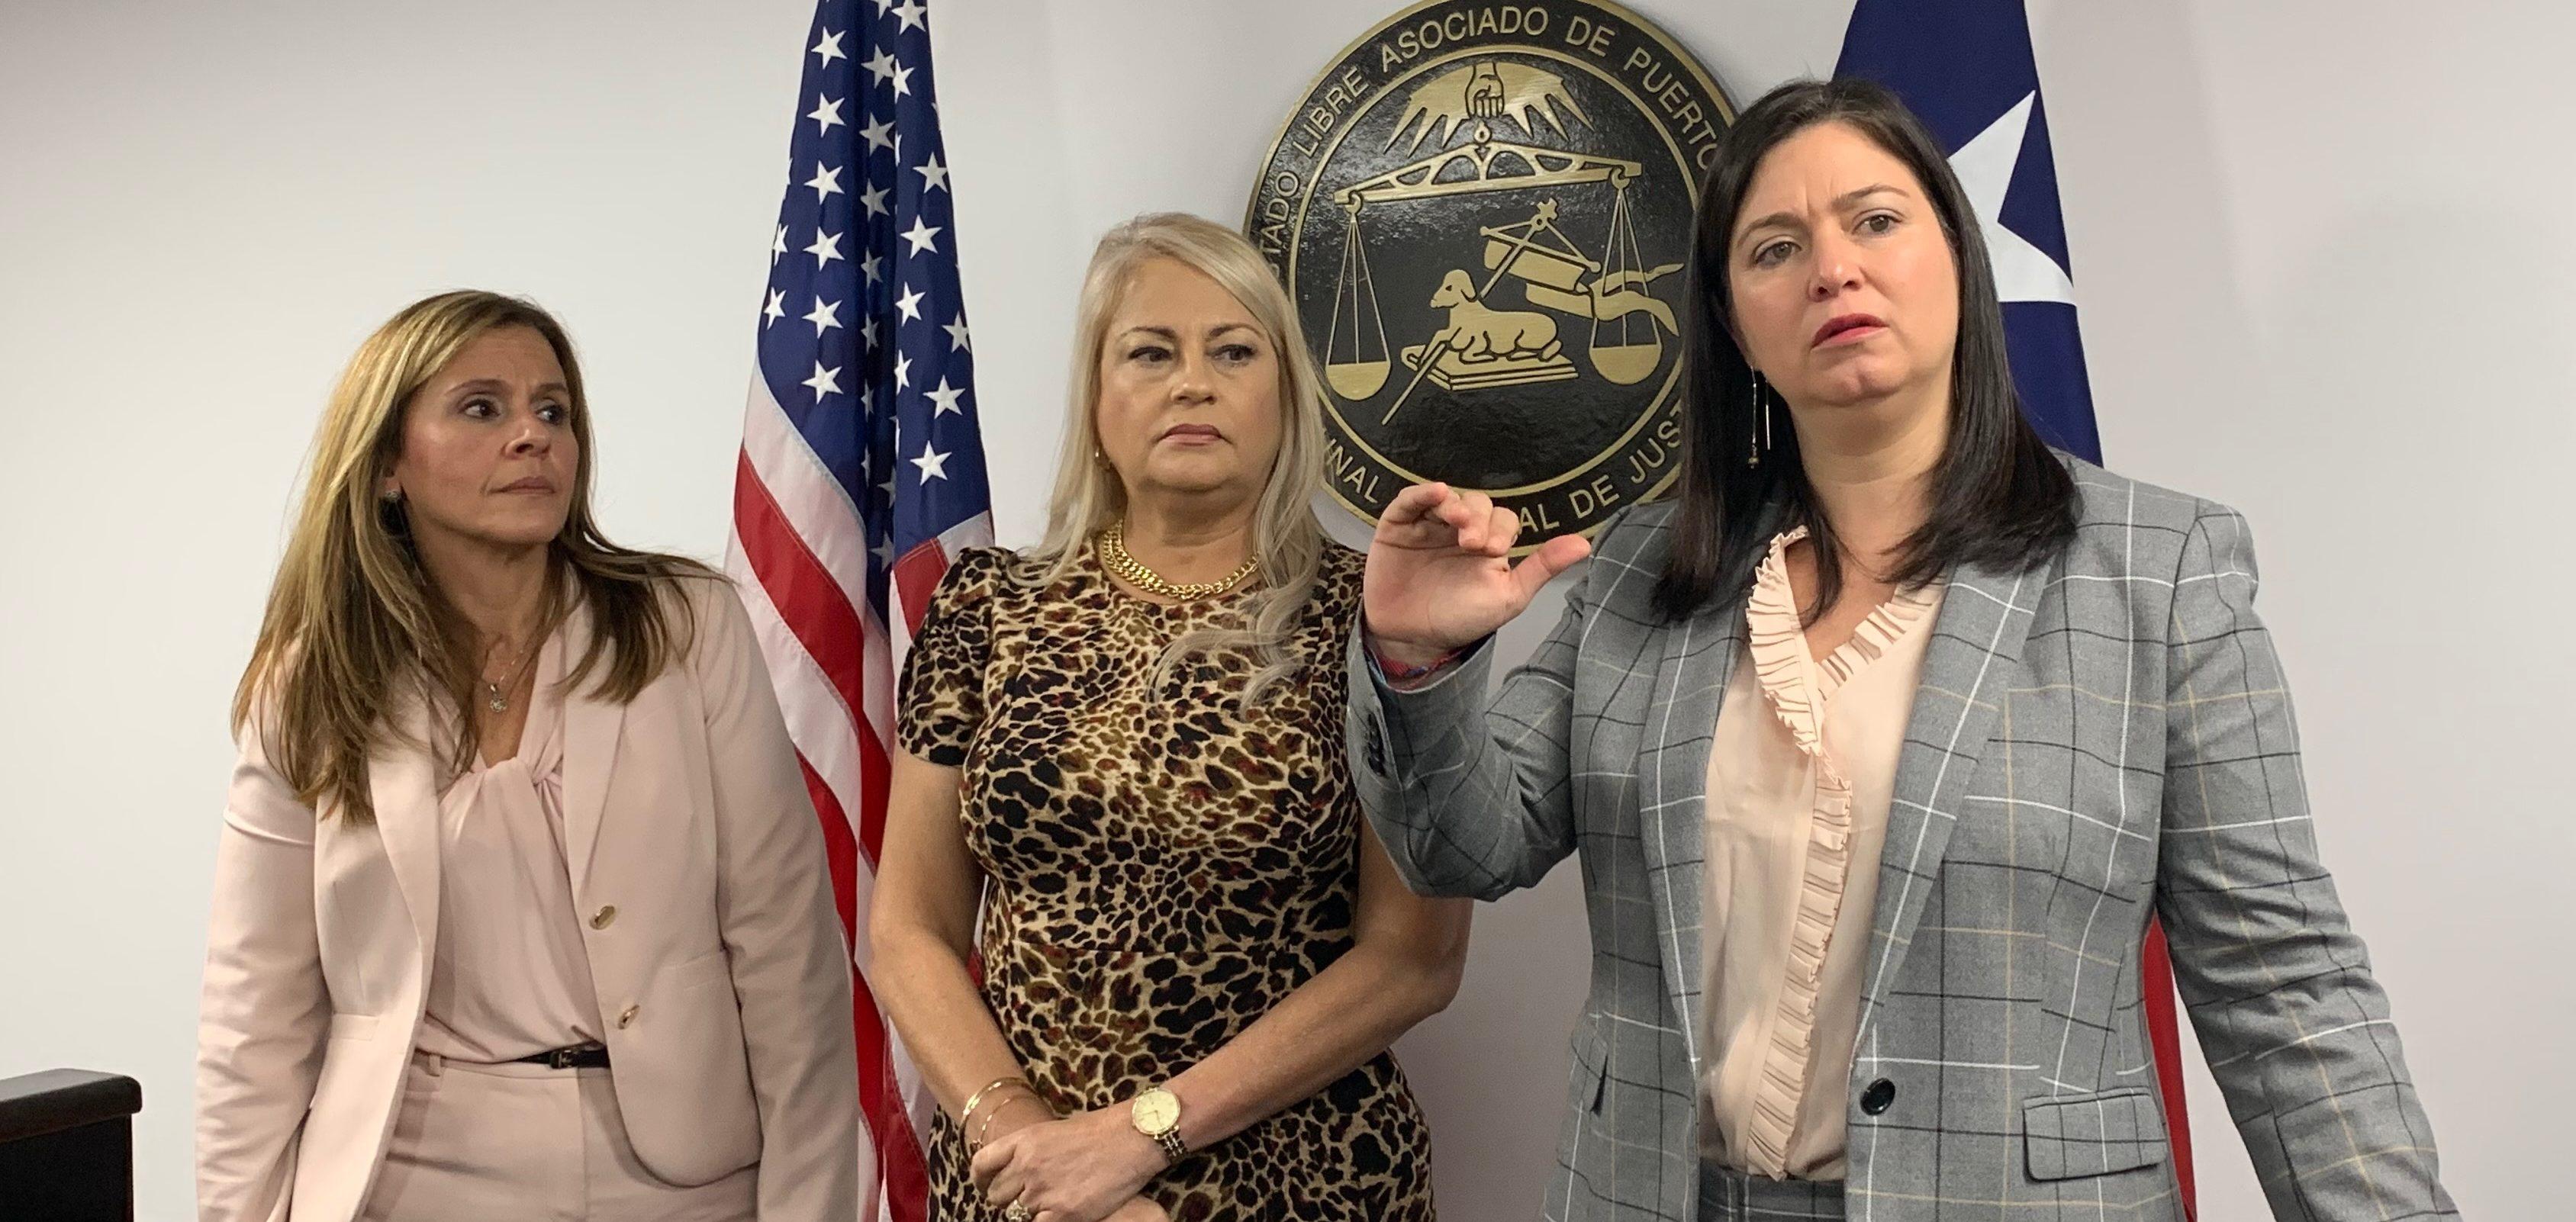 La jueza administradora del Tribunal de Ponce, Lissette Toro Vélez; la gobernadora Wanda Vázquez Garced y la jueza presidenta del Tribunal Supremo de Puerto Rico, Maite Oronoz. (Voces del Sur/Michelle Estrada Torres)